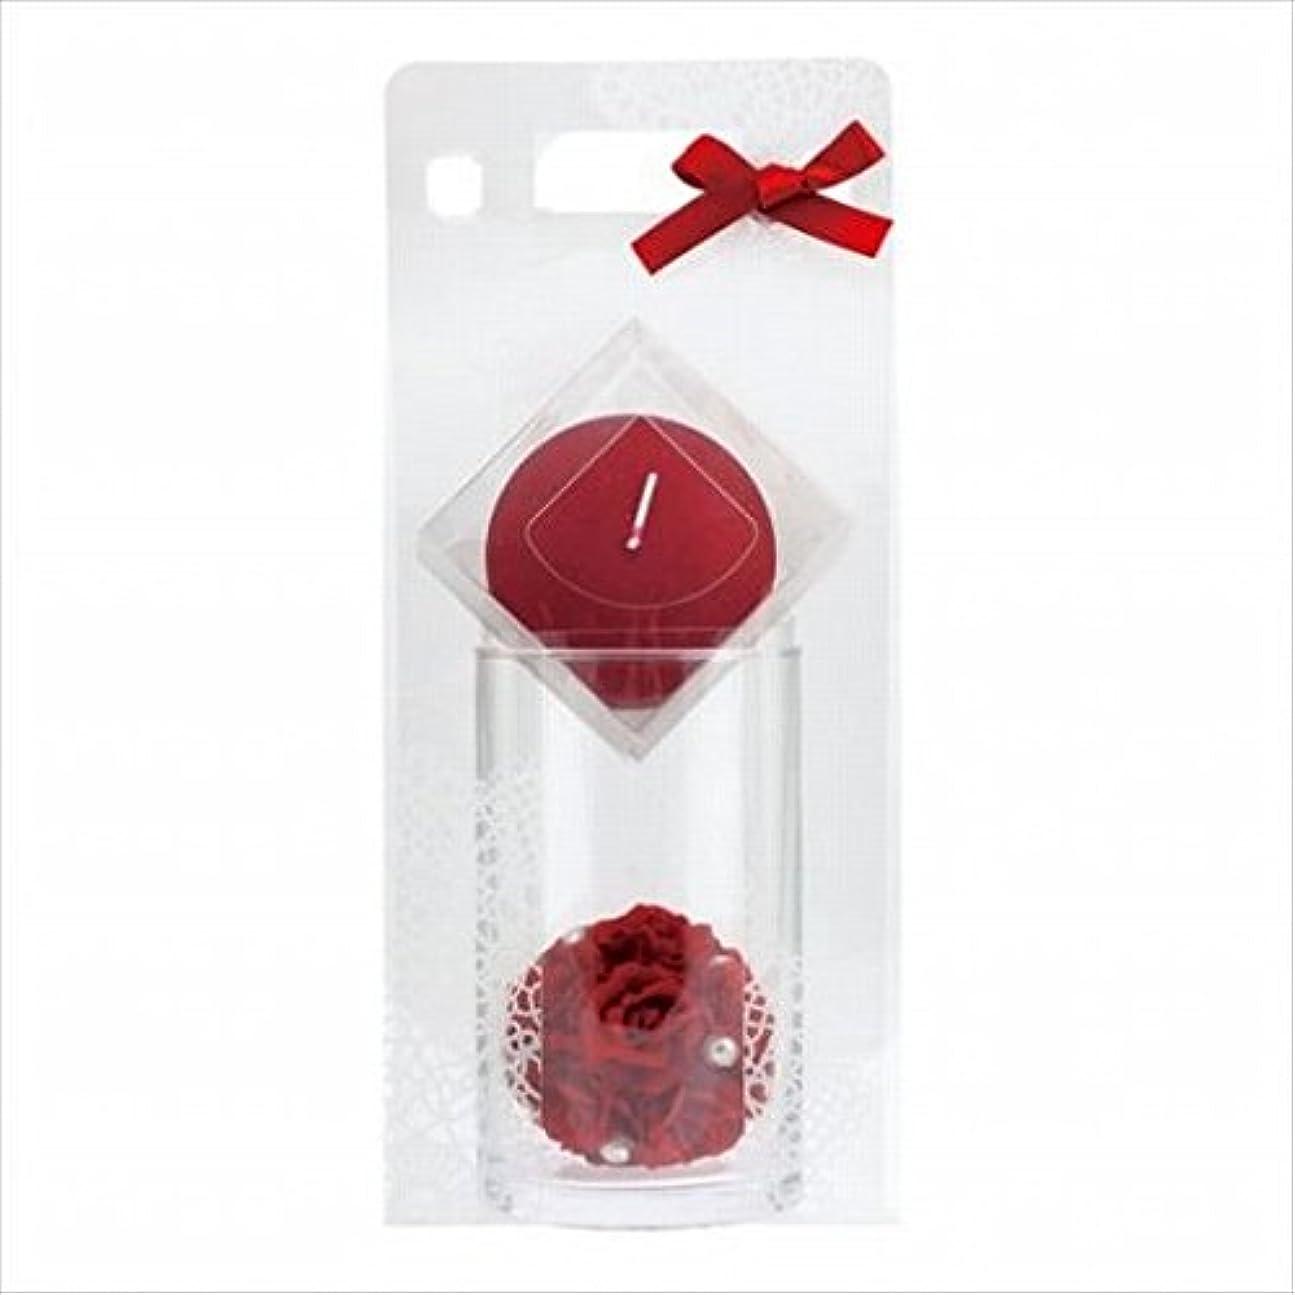 奨励腐敗チケットkameyama candle(カメヤマキャンドル) ローズボールセット 「 ワインレッド 」 キャンドル ギフトセット(66031000WR)